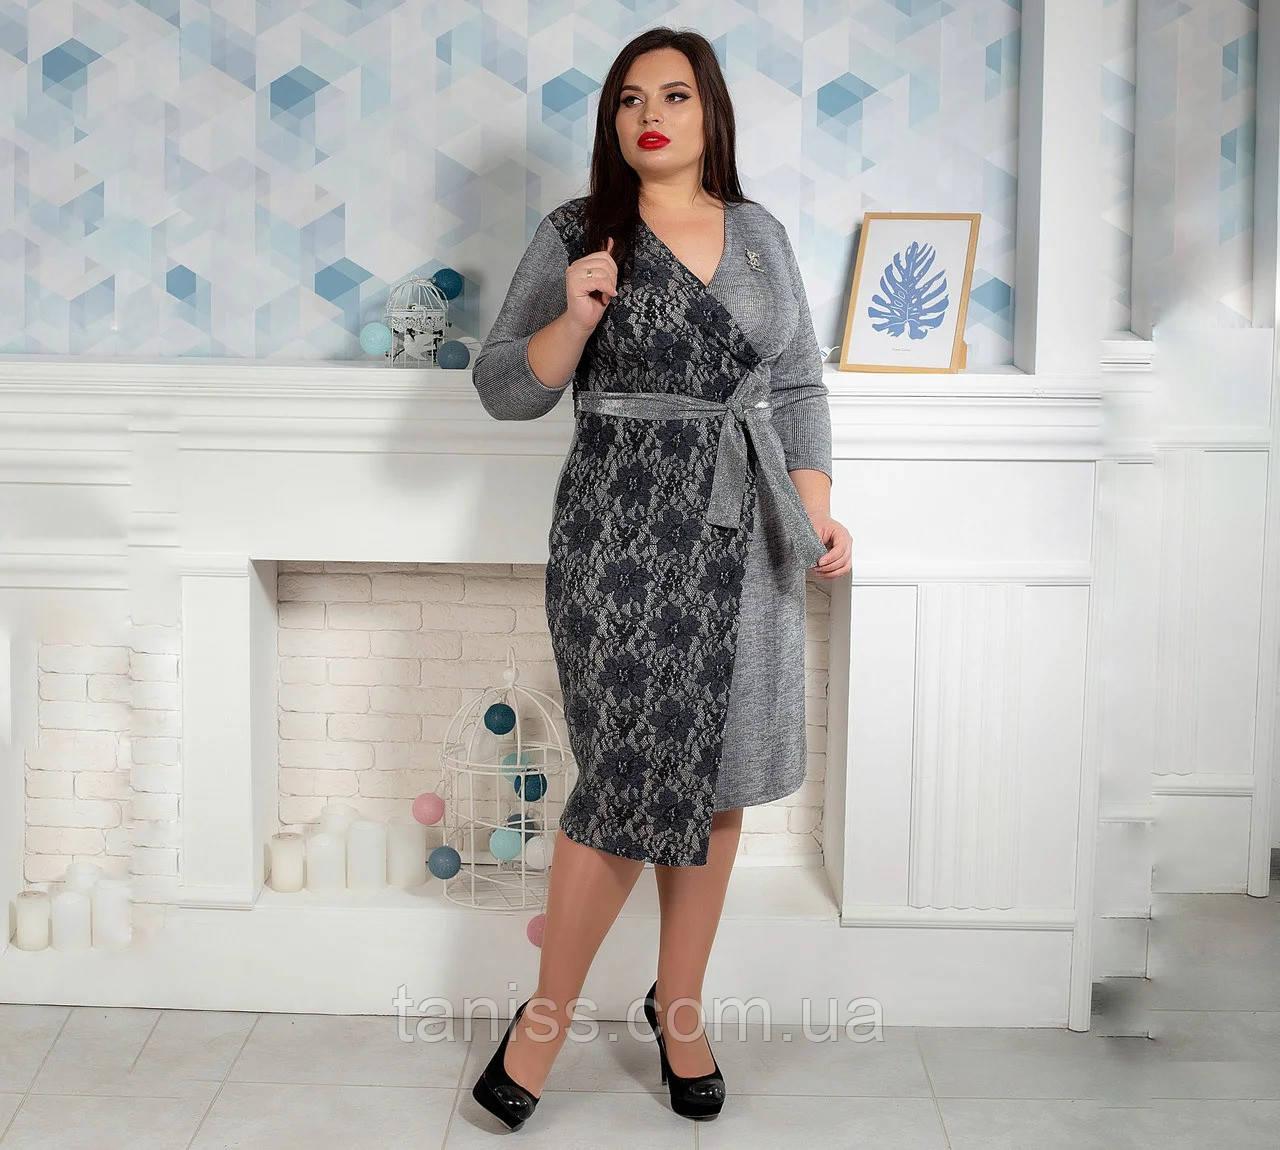 Тепле жіноче плаття на запах, трикотаж ангора і гіпюр, р. 50,52,54,56 св. сірий (734) сукня